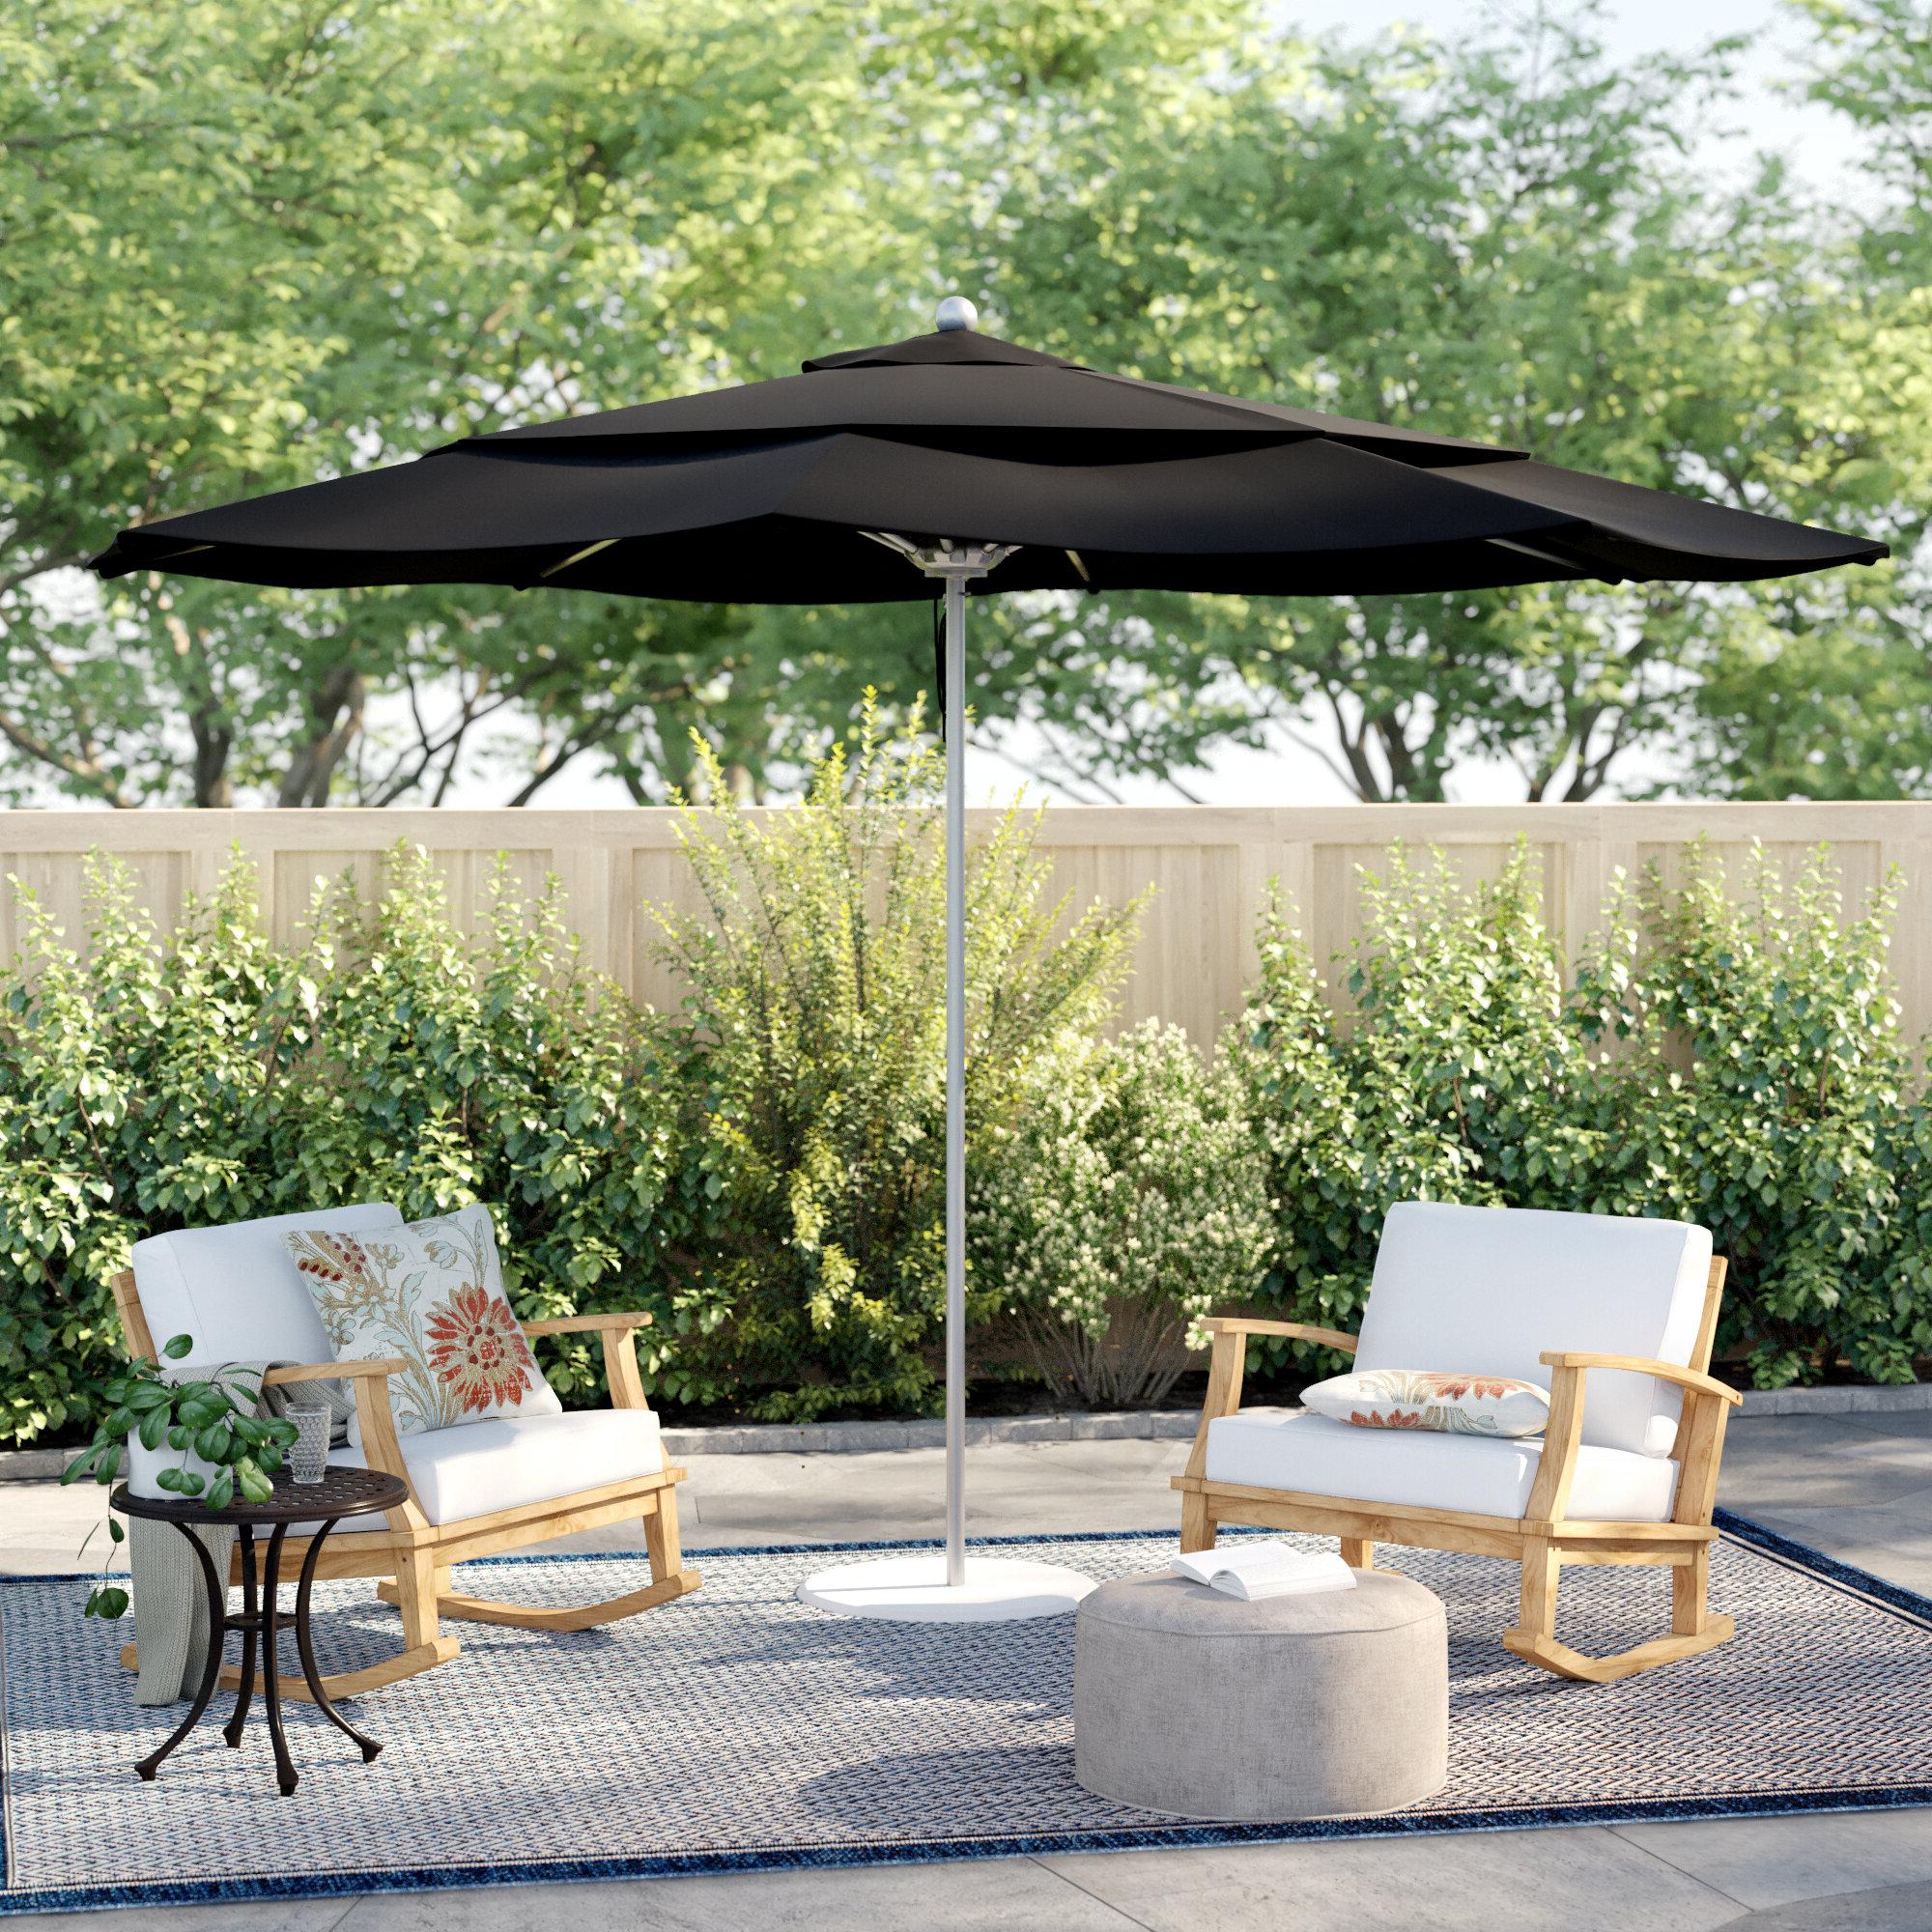 Caravelle Square Market Sunbrella Umbrellas Intended For Most Current Caravelle 11' Market Sunbrella Umbrella (View 4 of 20)